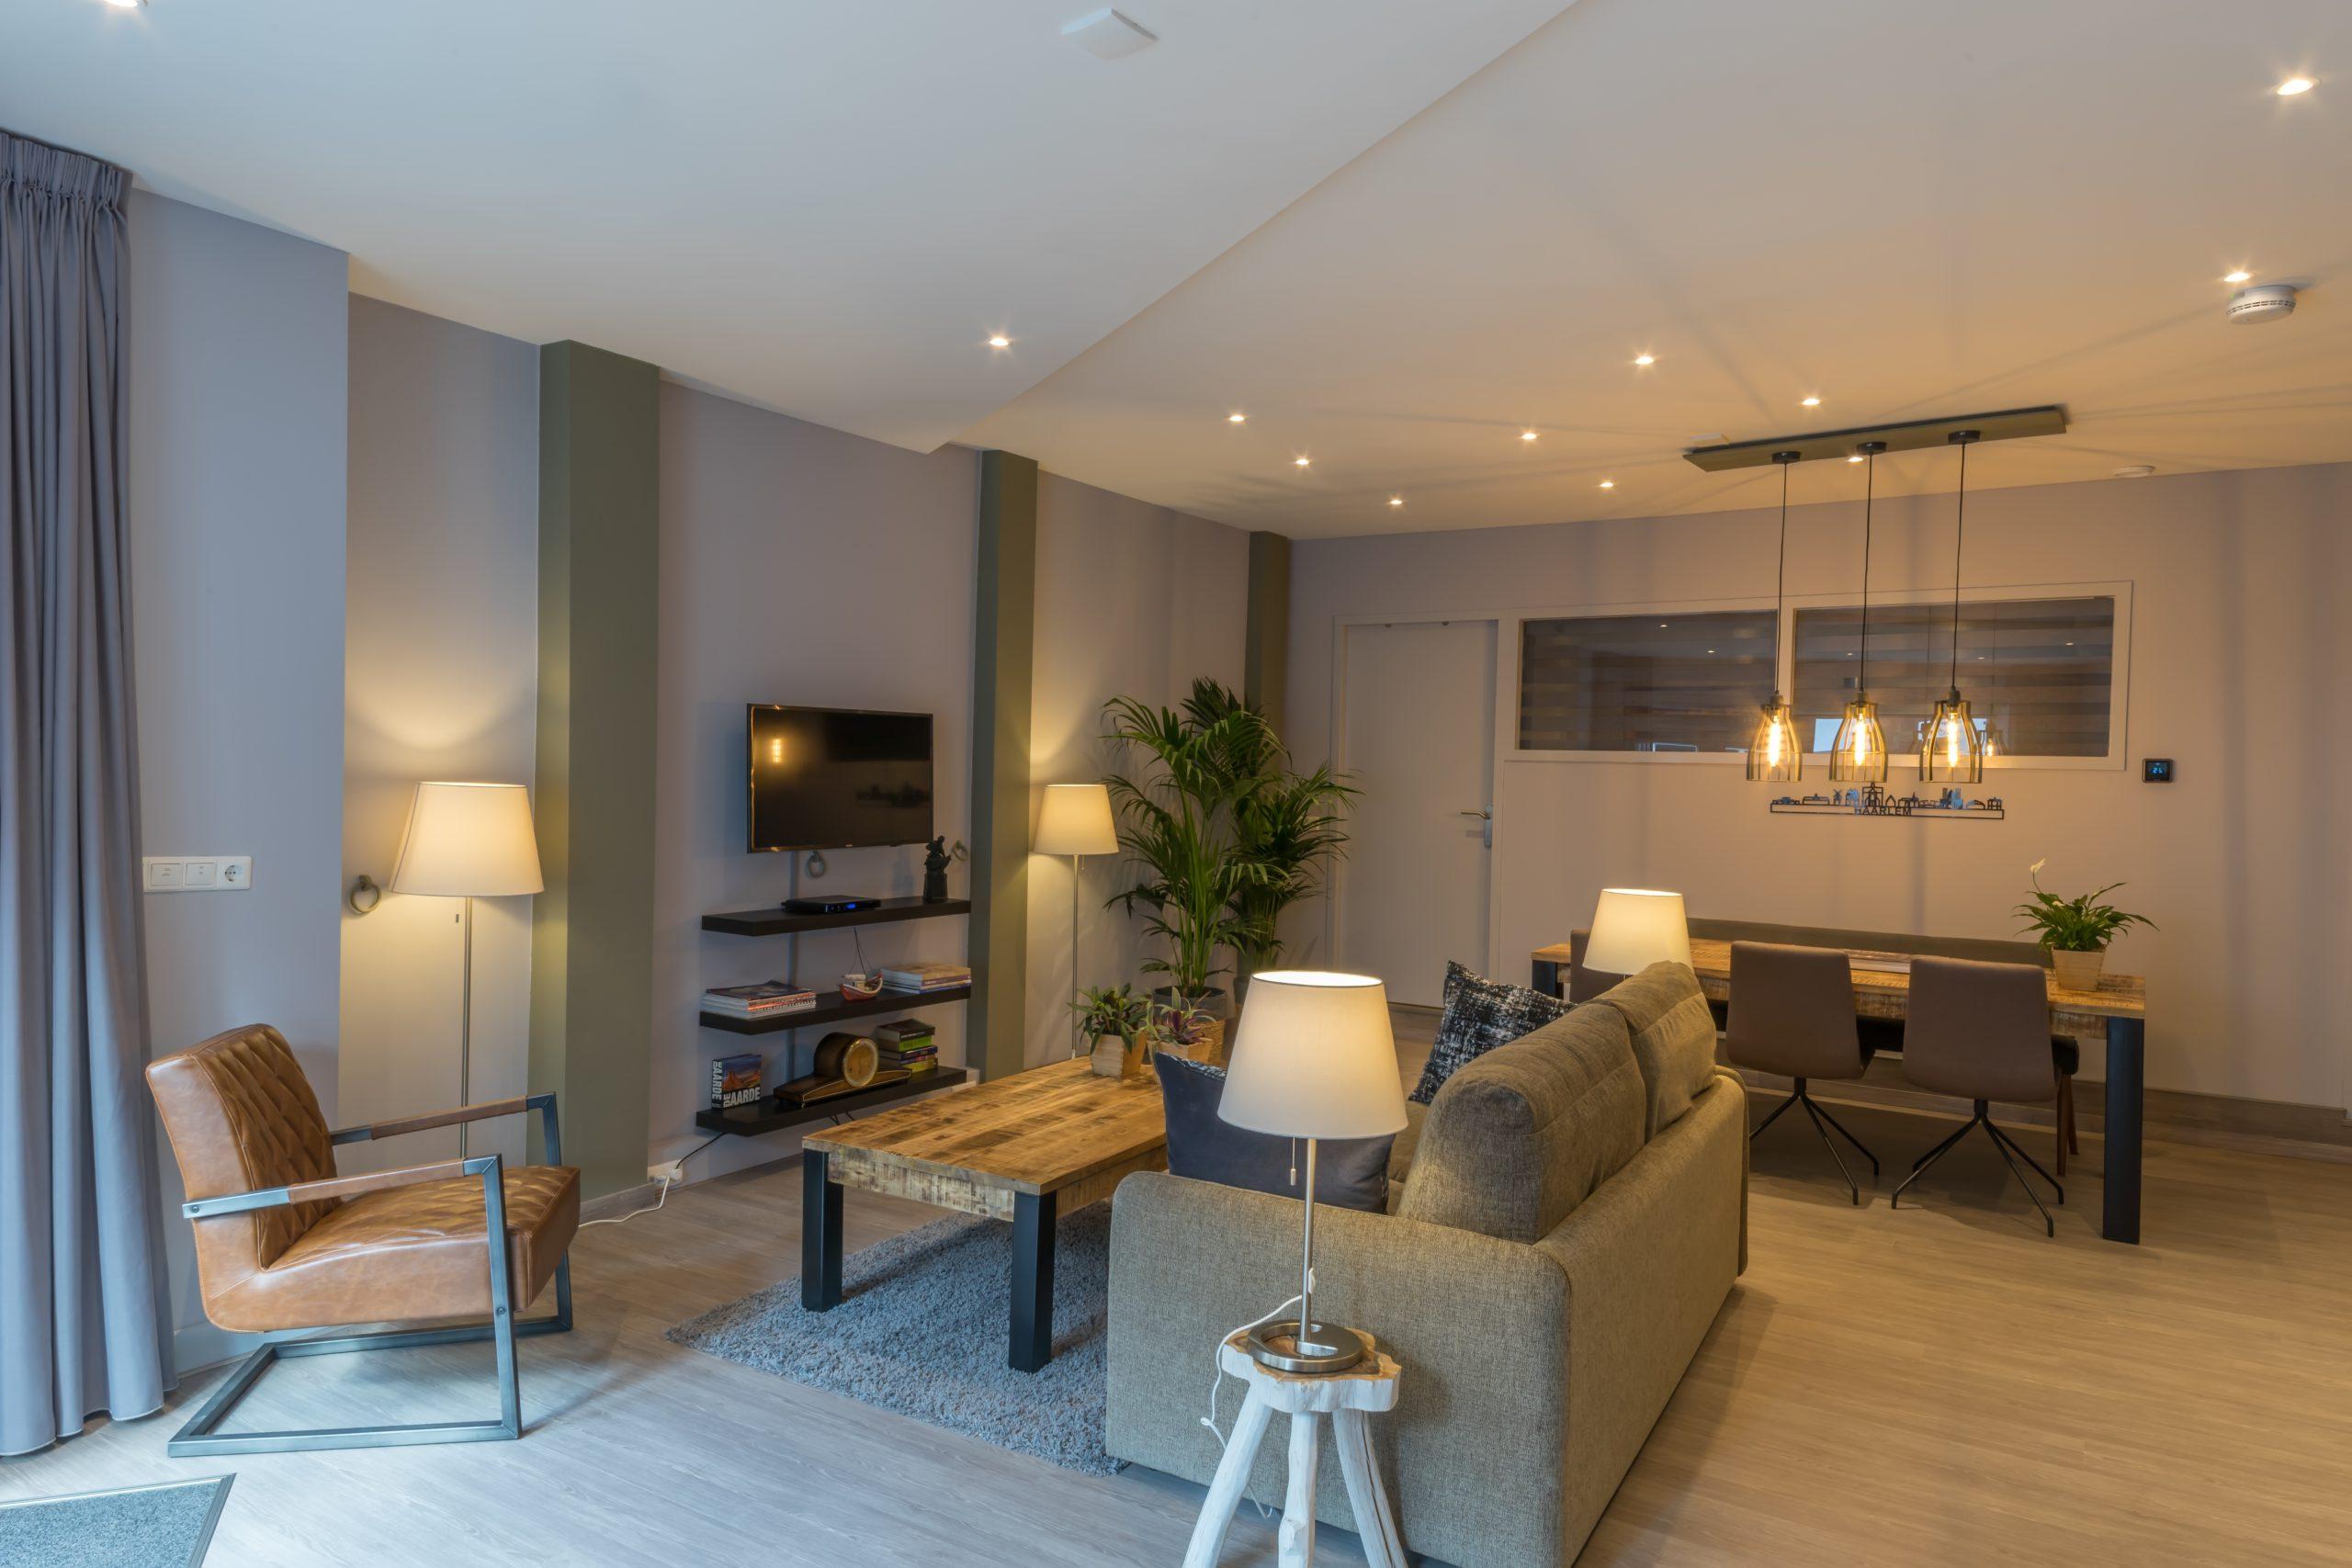 Woonkamer-Livingroom-wohnzimmer-Tulp-7